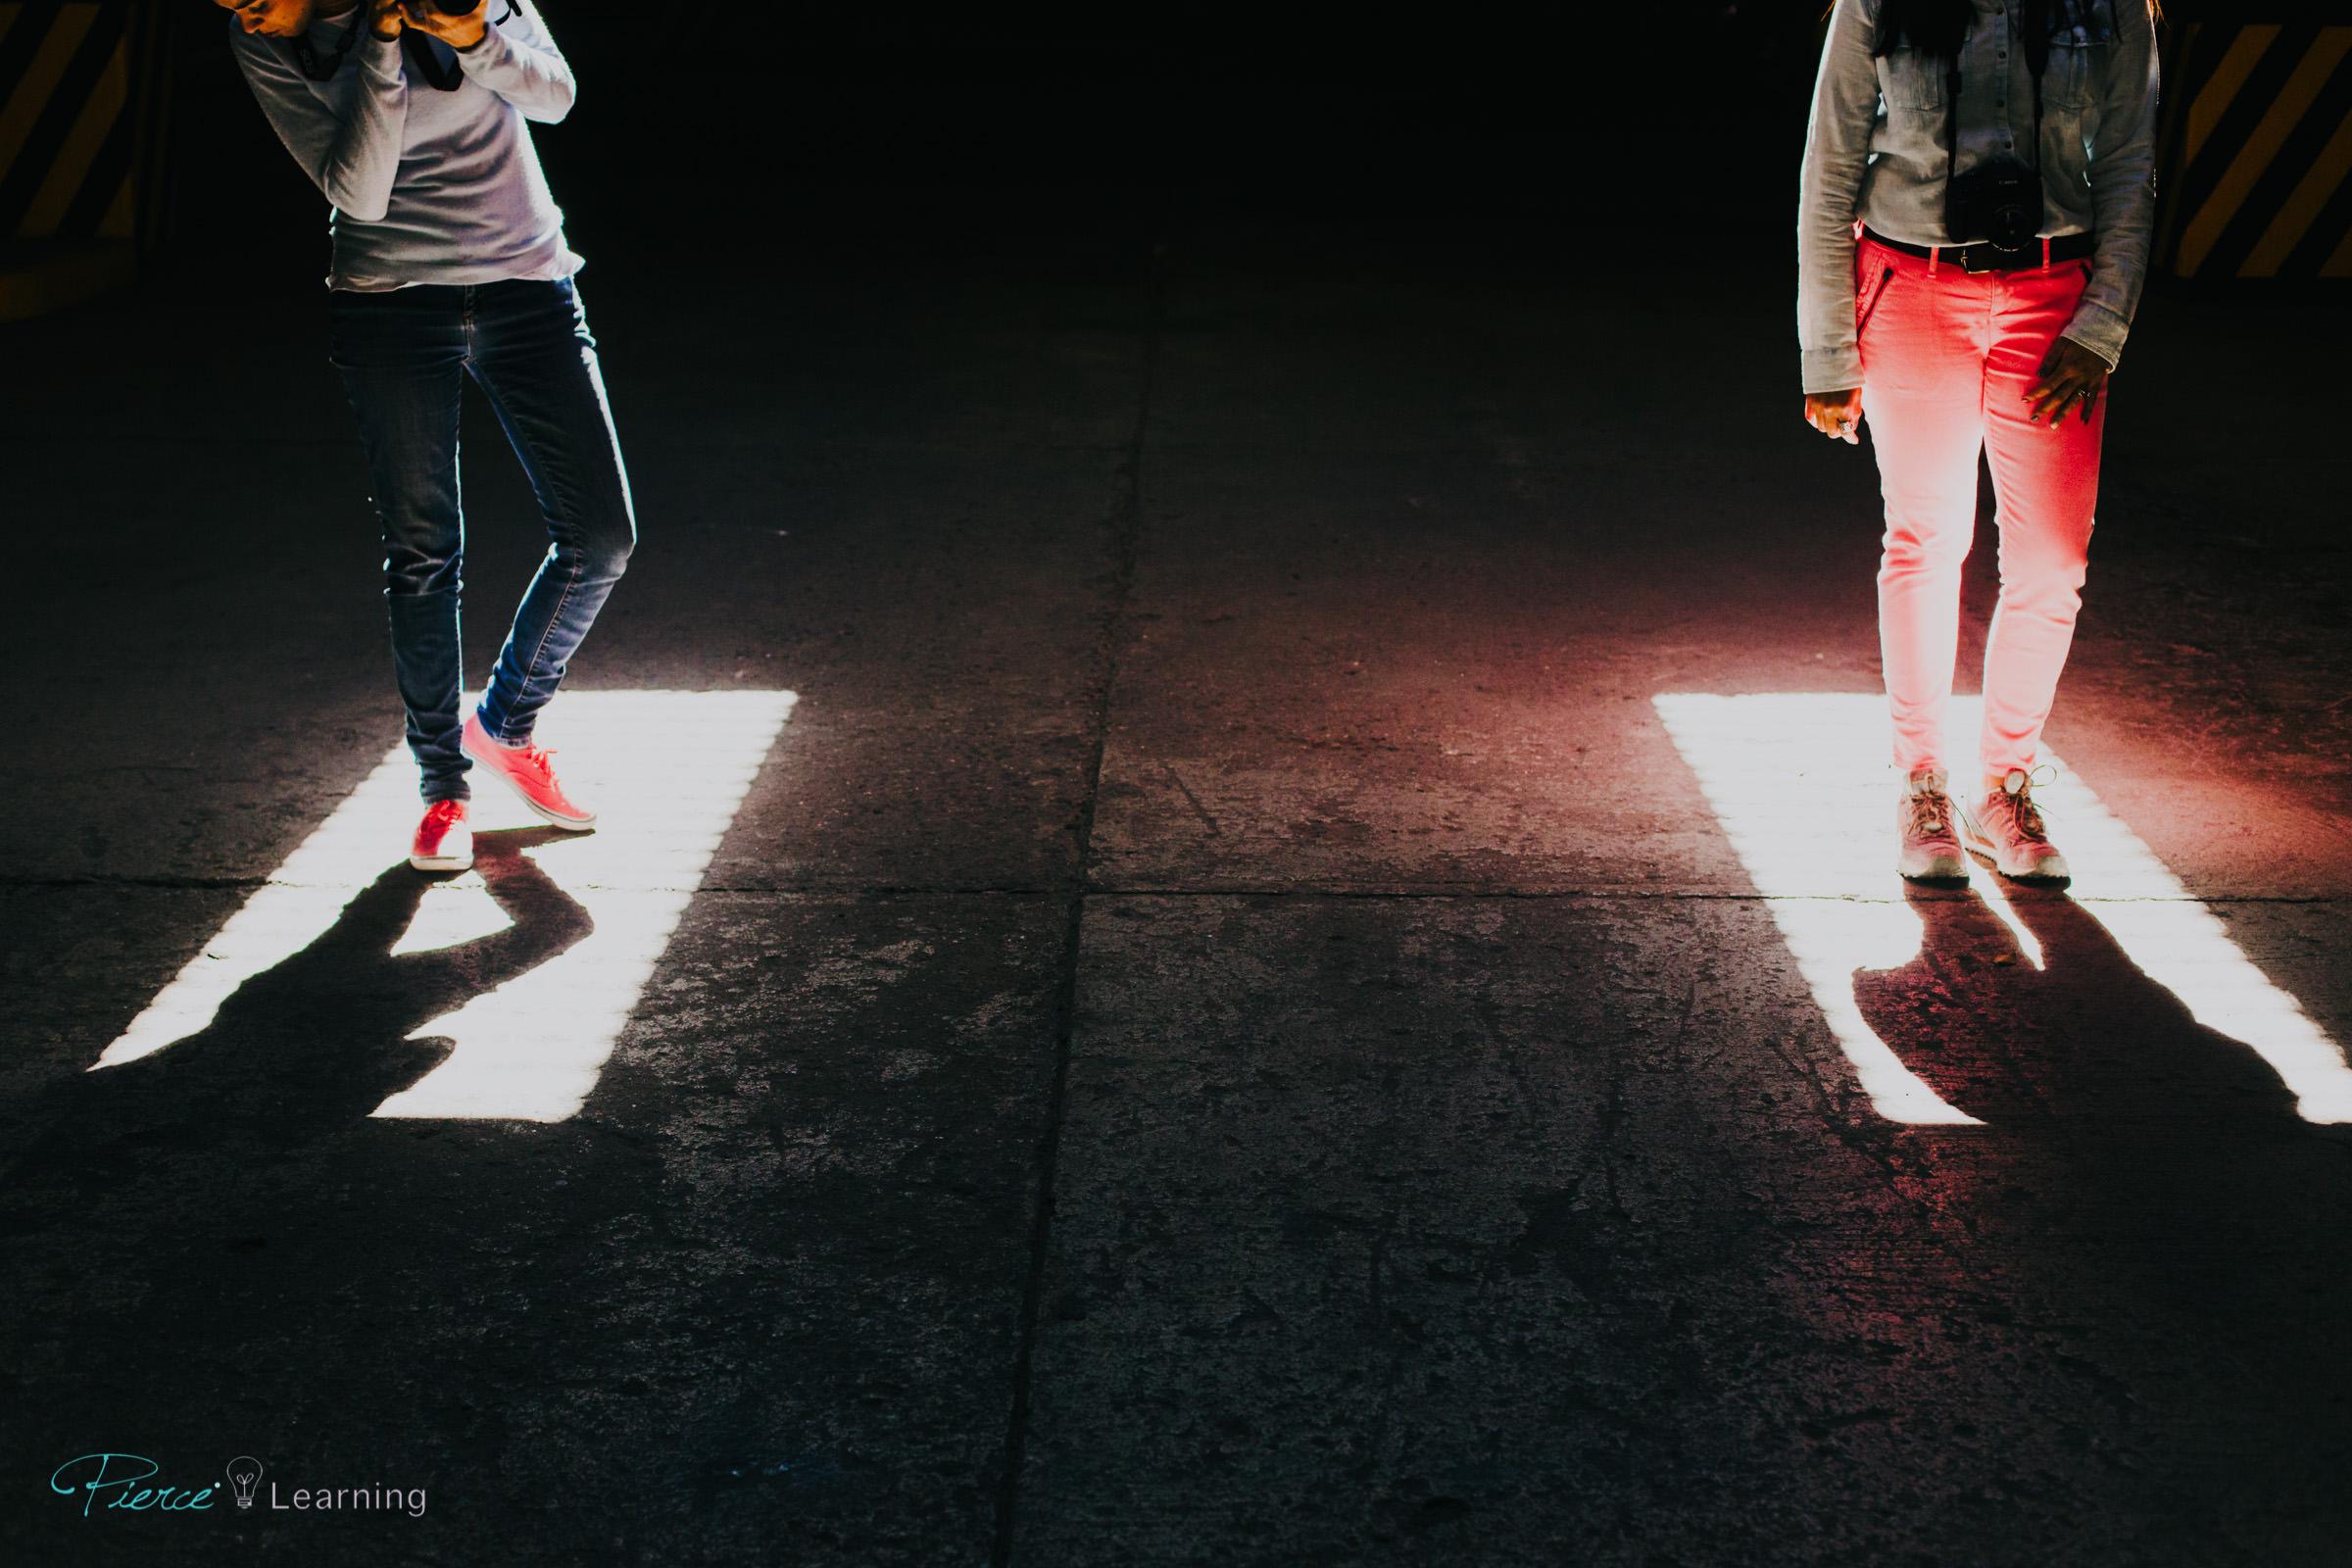 Workshop-Curso-Fotografia-Leon-Guanajuato-Mexico-Pierce-29.jpg